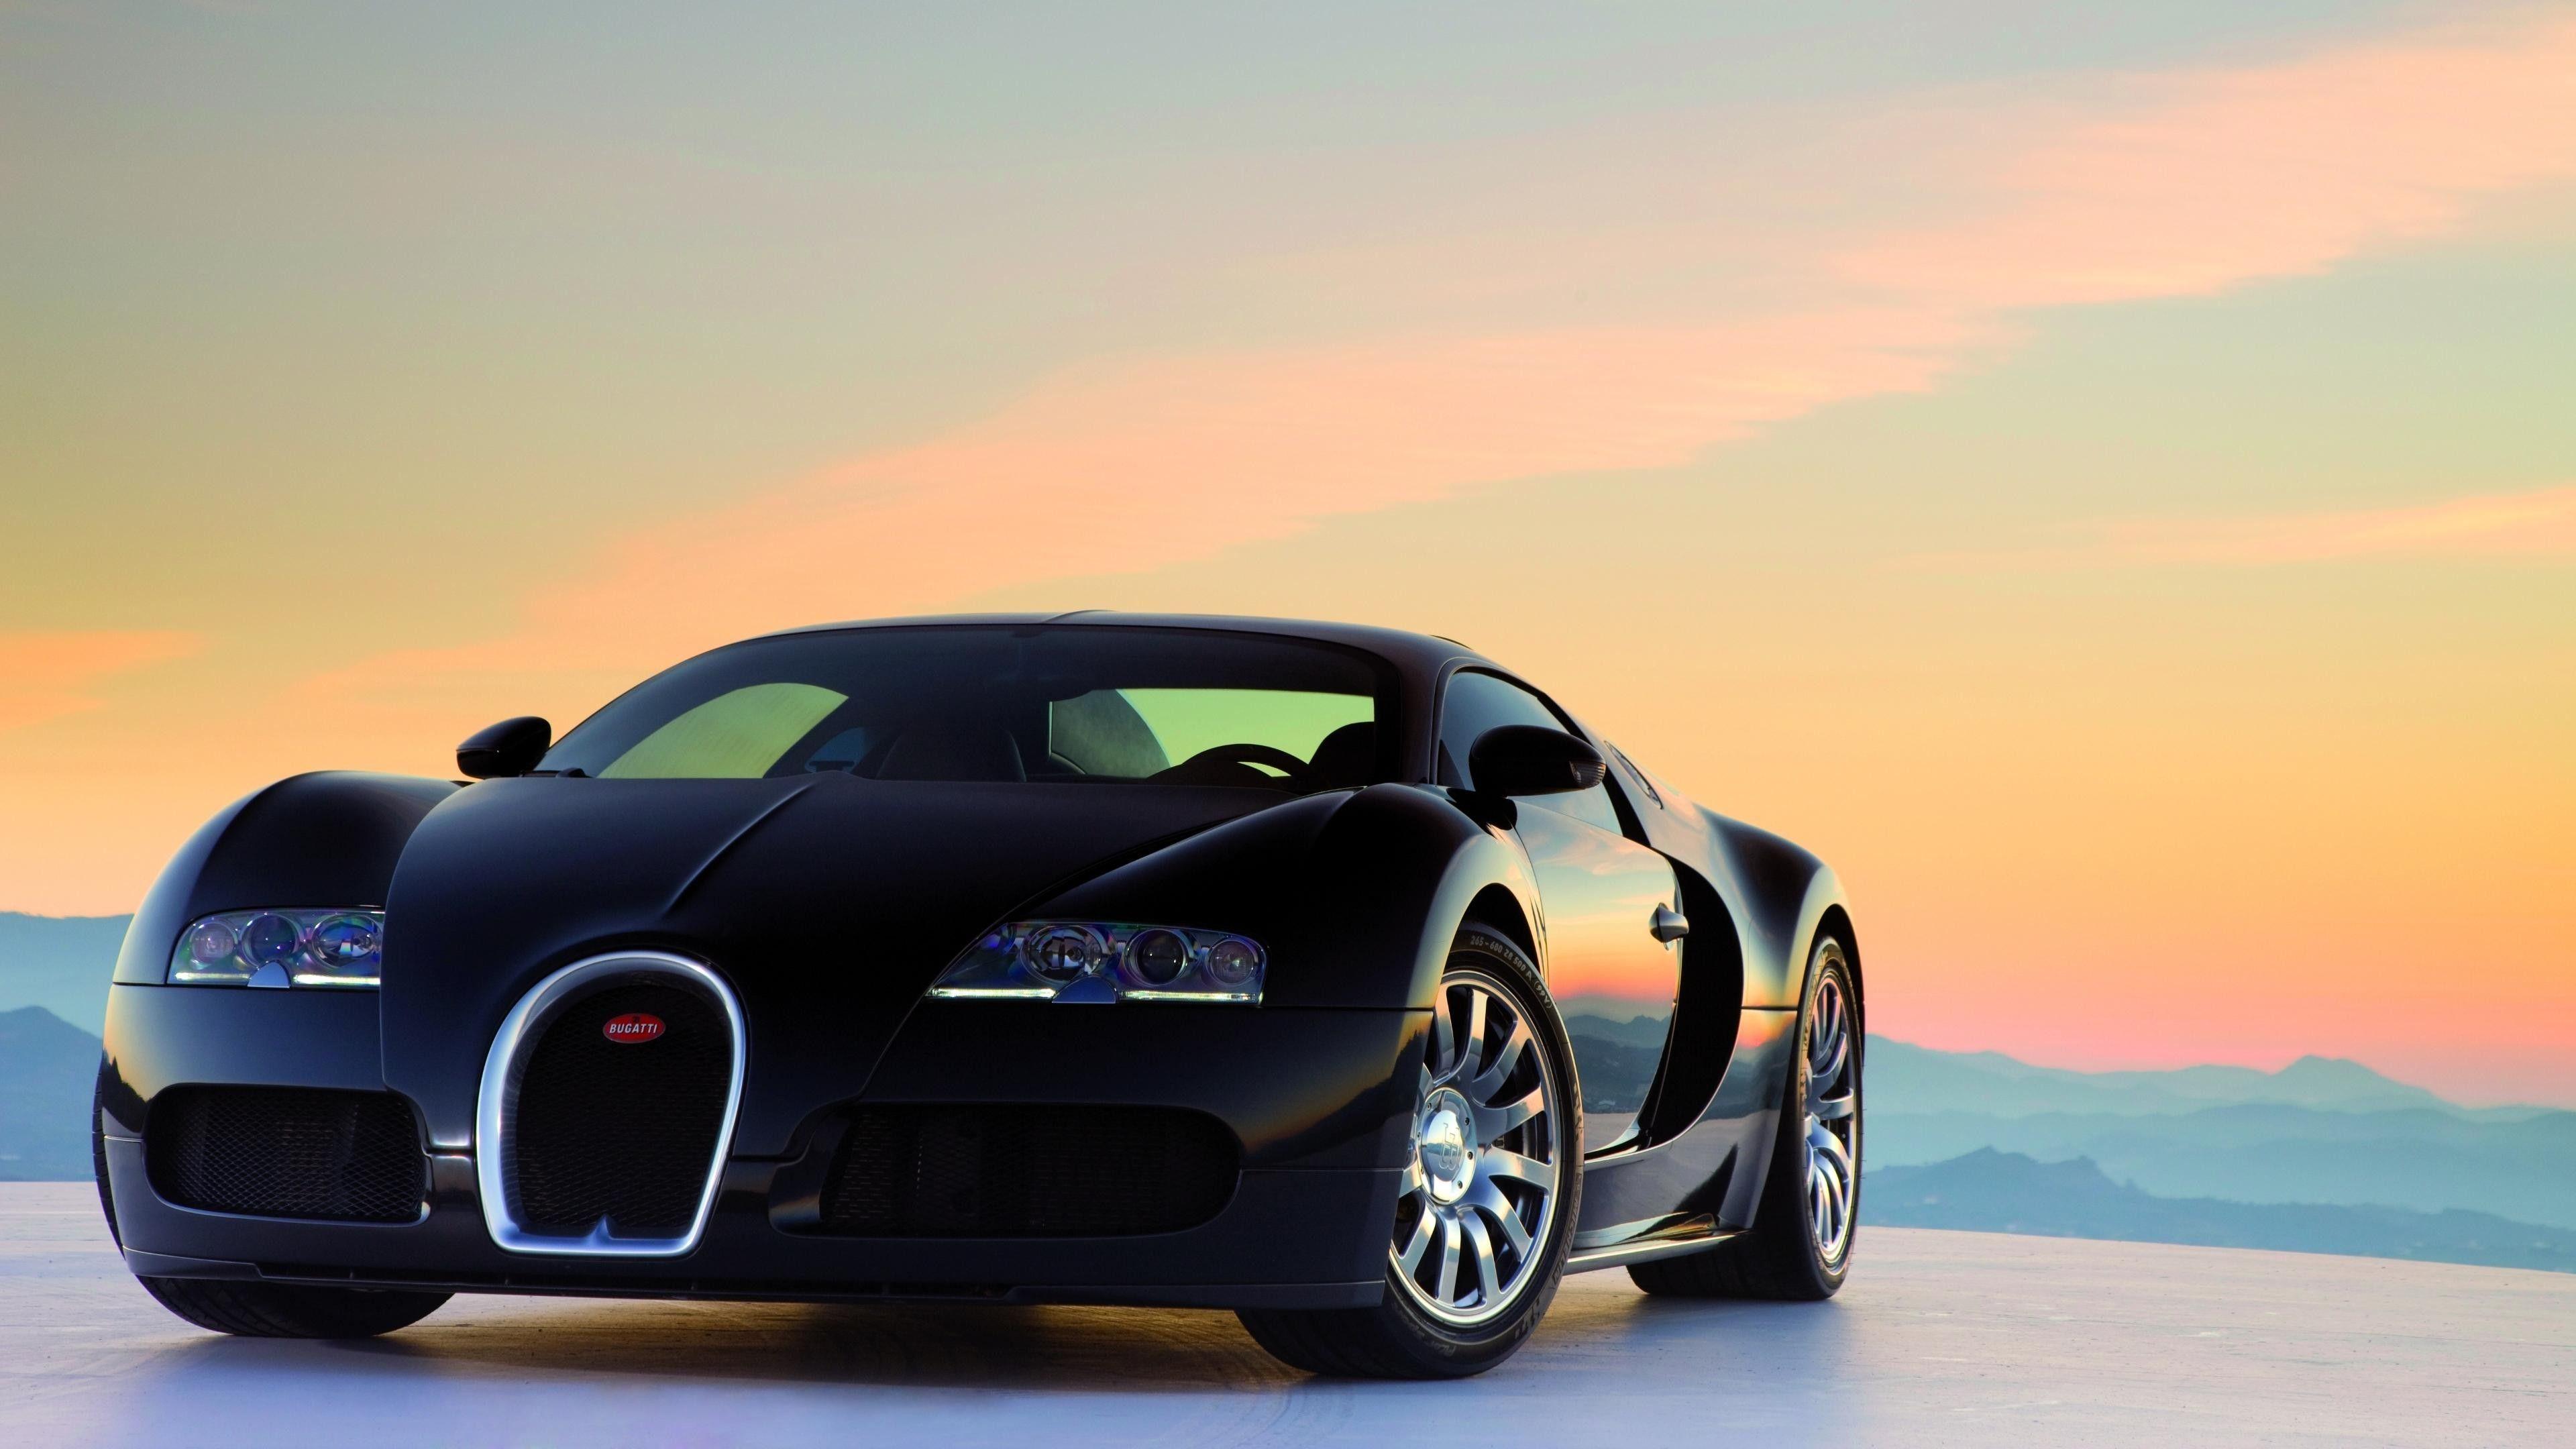 Luxury 4k Ultra Hd Car Wallpaper